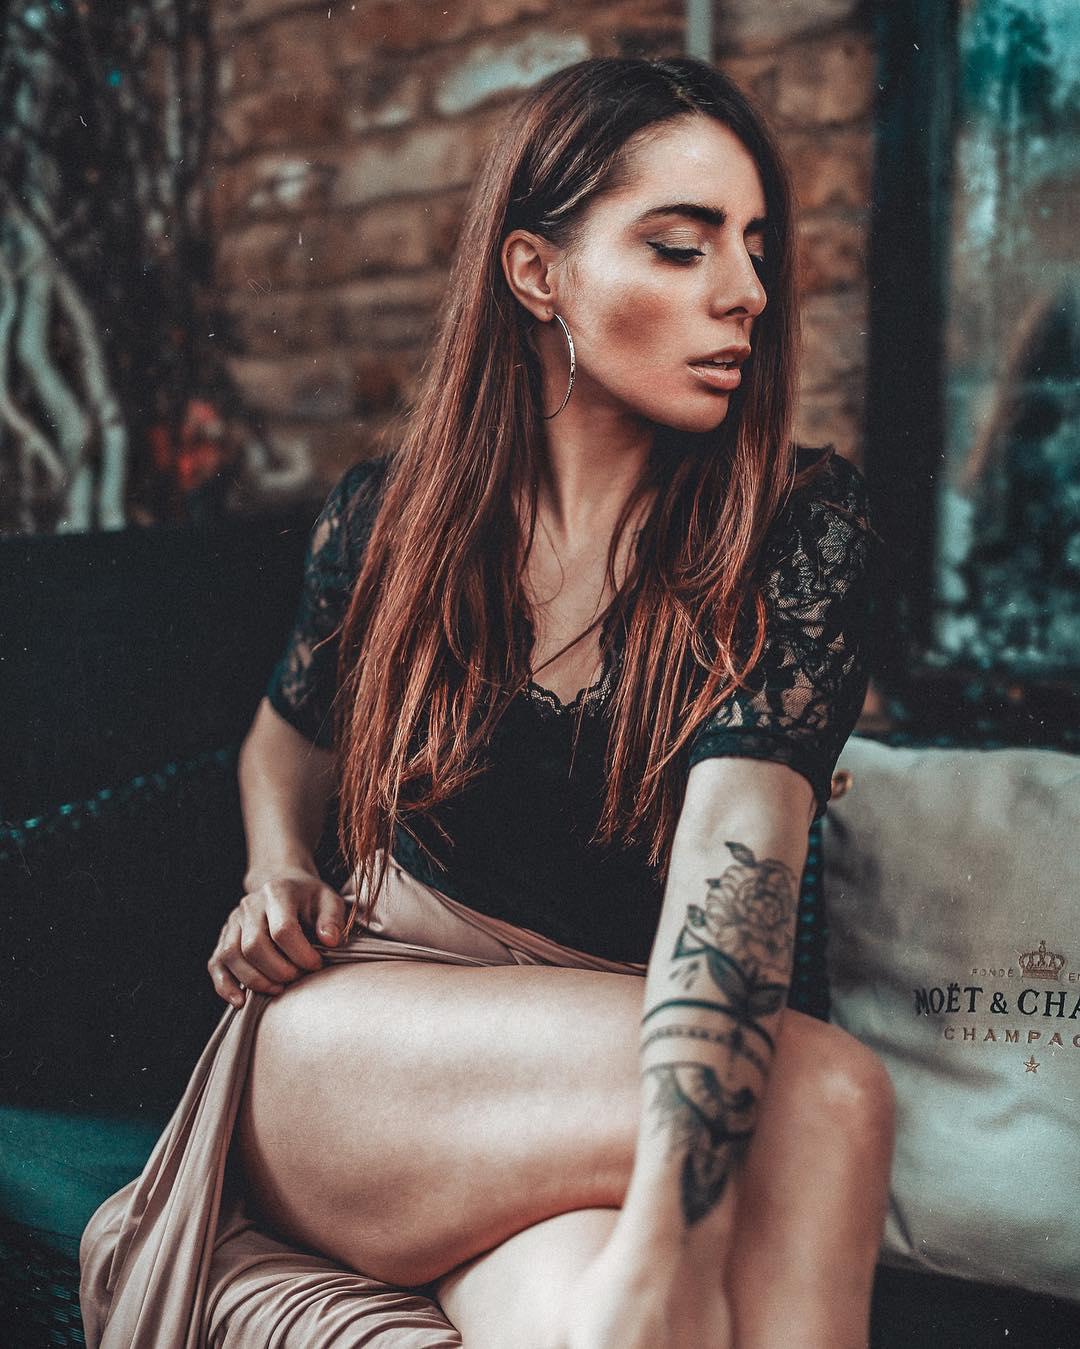 Альтернативная мода и модели на снимках Адама Кроу